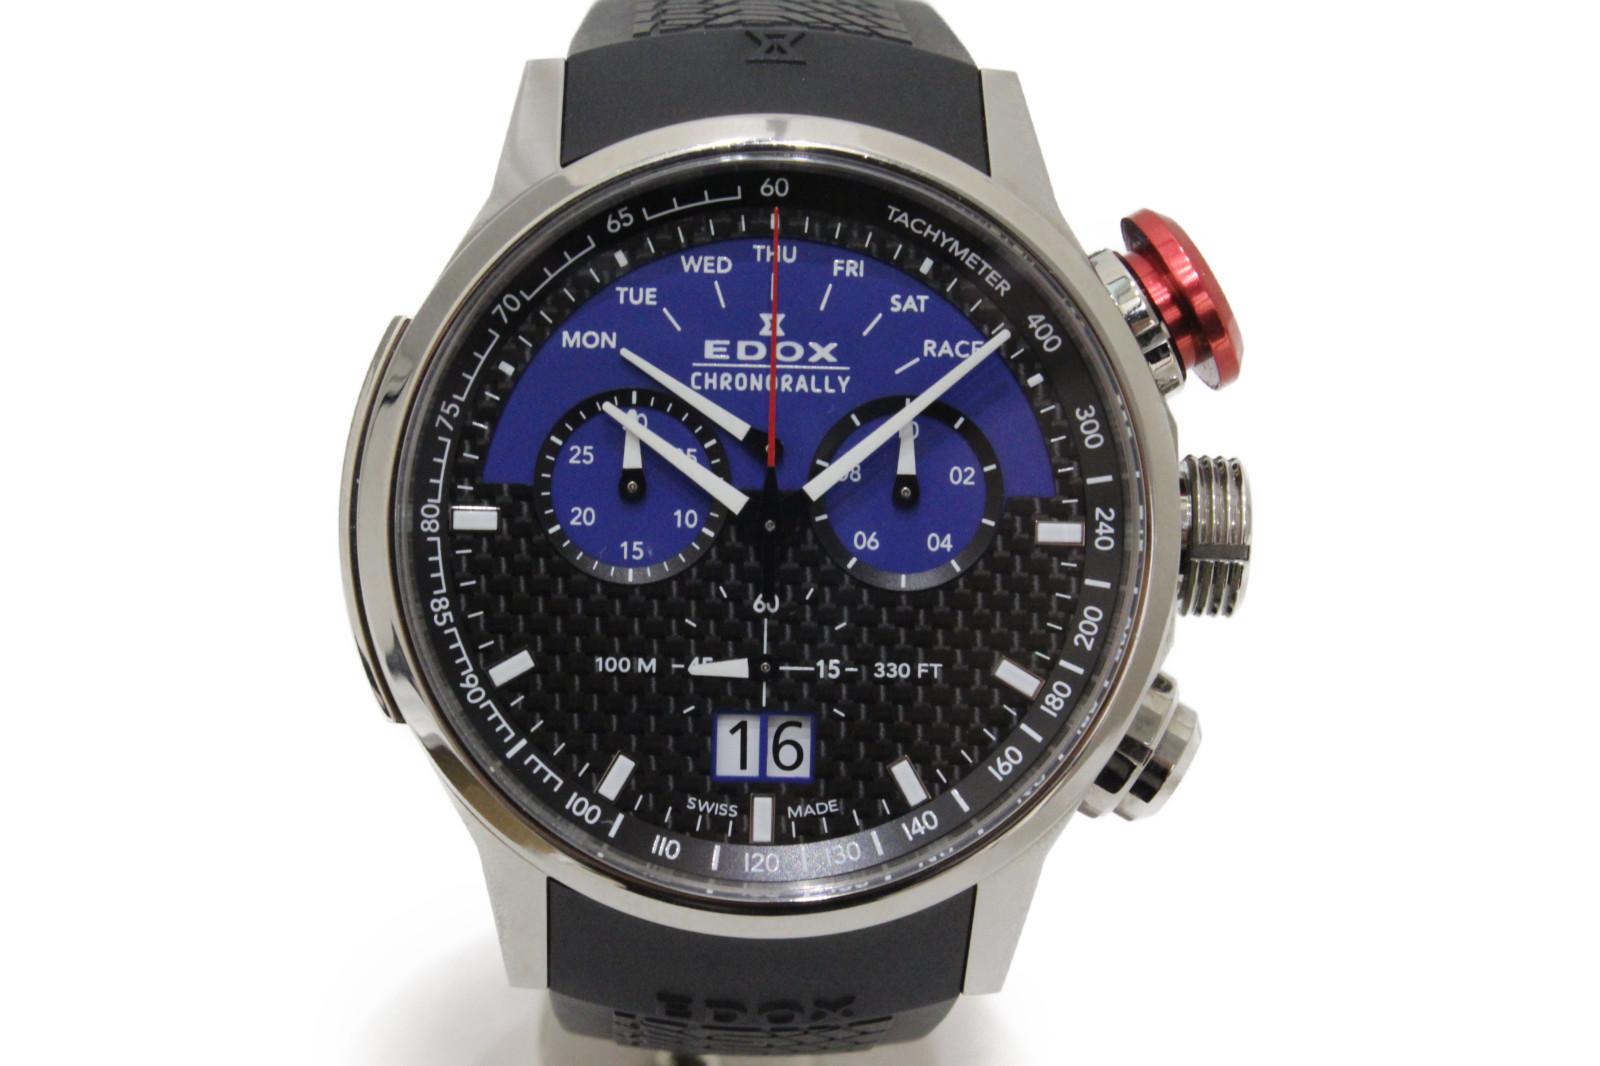 【世界500本限定】EDOX エドックス クロノラリー リミテッドエディション ザウバーF1チーム 38001-TIN1-NBUJ クオーツ デイト クロノグラフ SS ステンレススチール ラバーベルト メンズ 腕時計【中古】